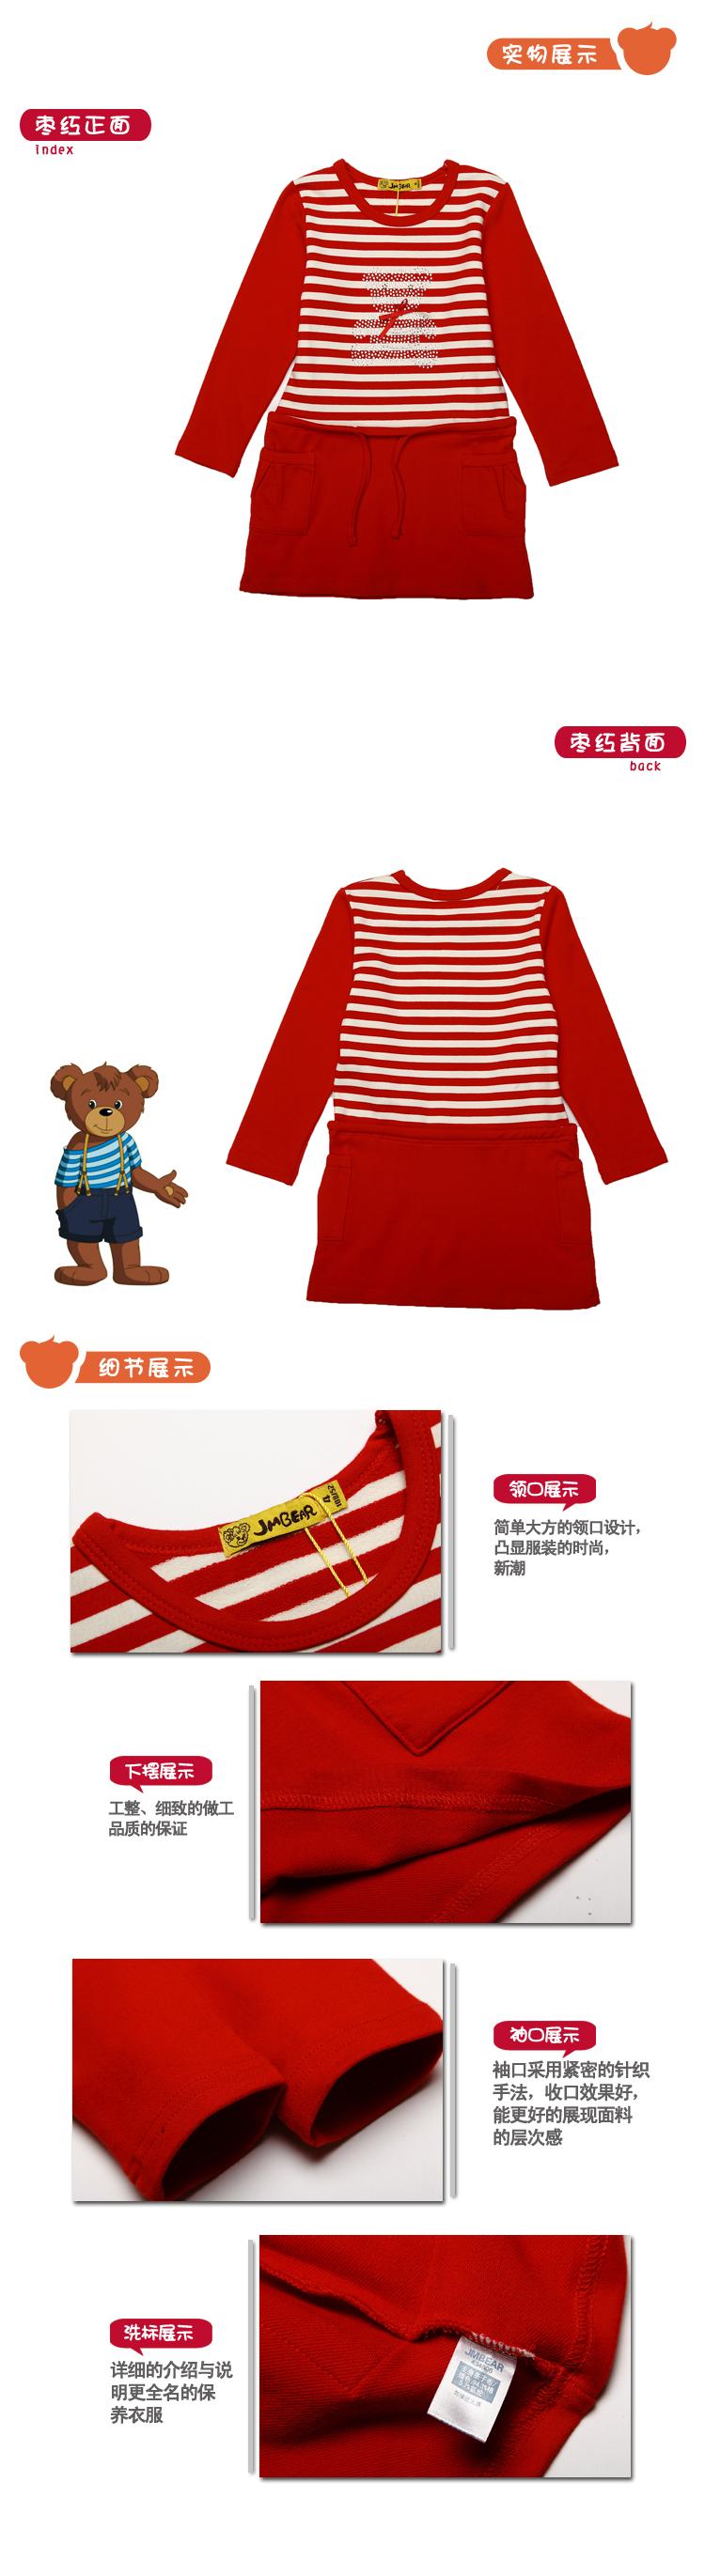 杰米熊 商品名称: 女童枣红加长款长袖t恤 商品分类: 儿童t恤/polo衫